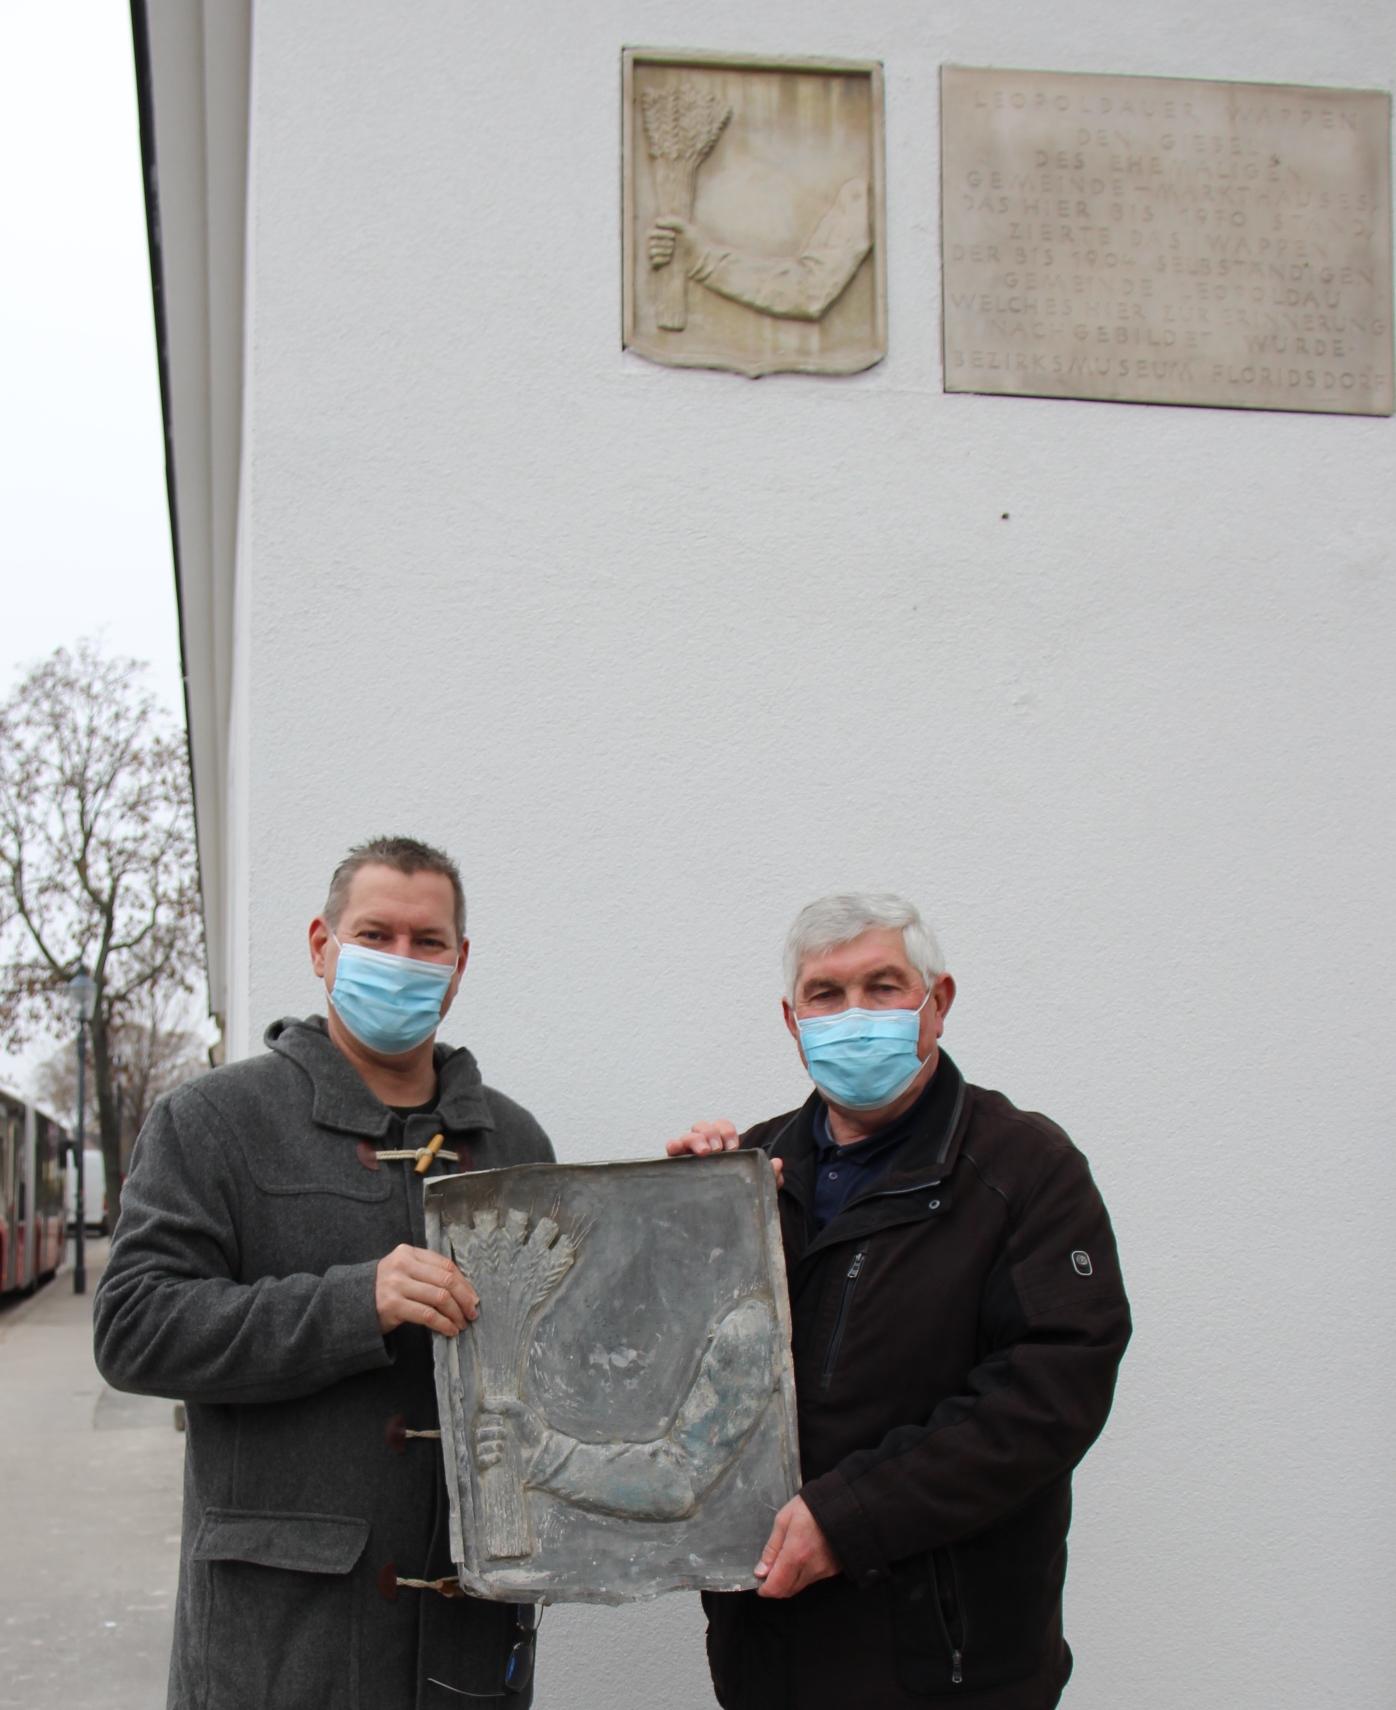 Bezirksvorsteher Georg Papai (links) mit Museumsdirektor Ferdinand Lesmeister. Bild. BV21.